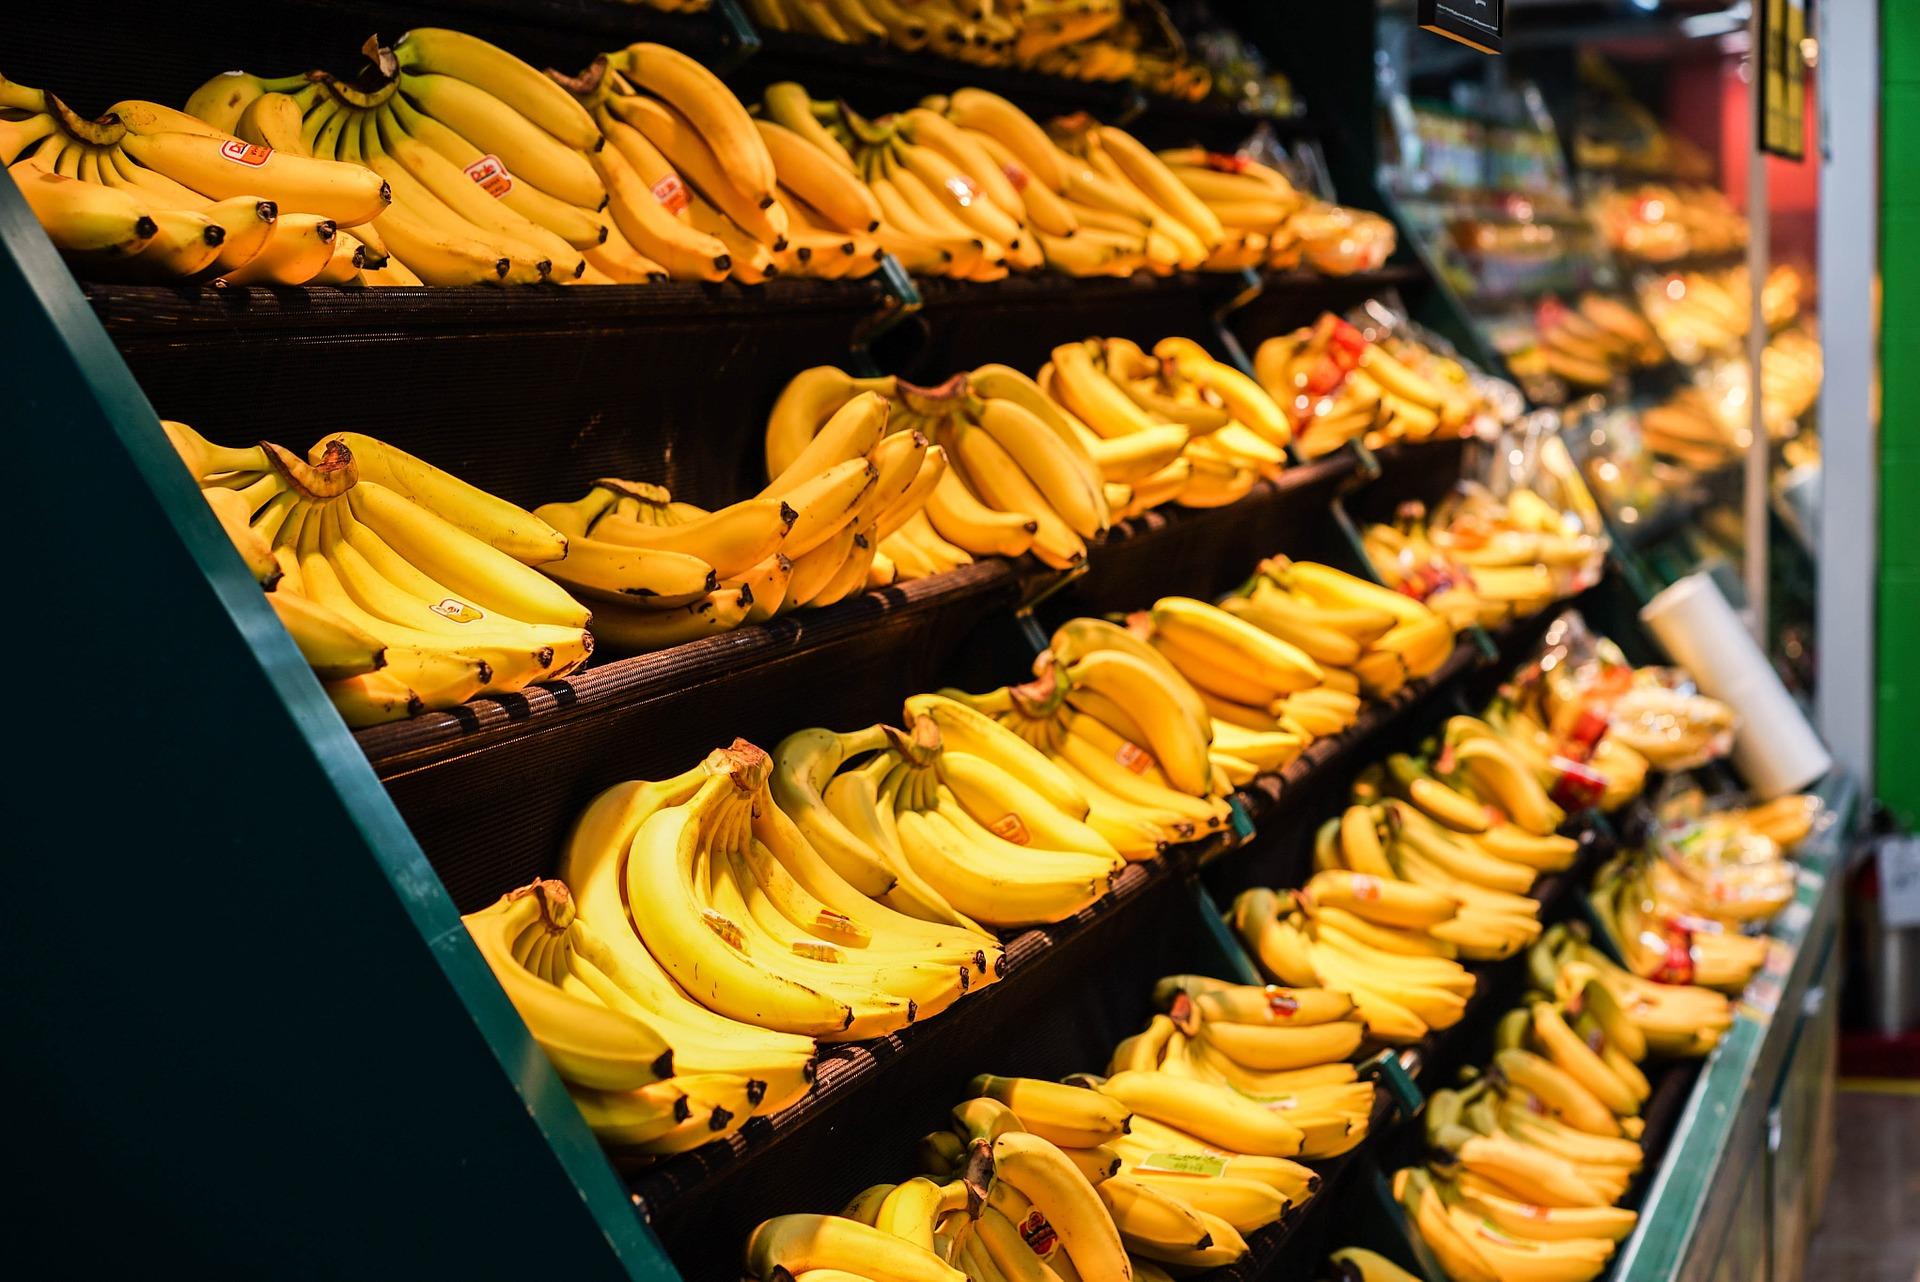 商店货架上的一串香蕉